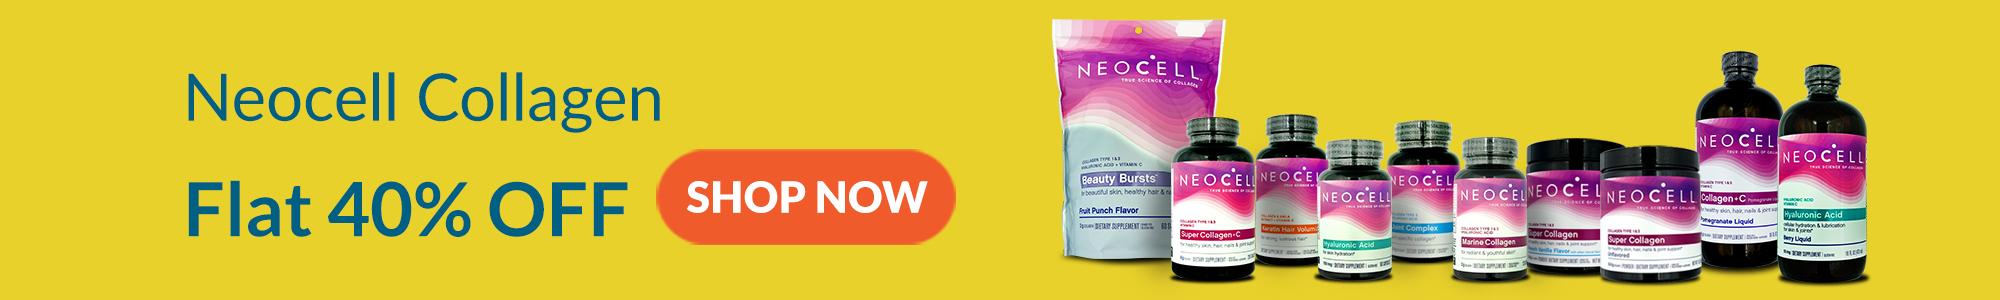 neocell-collagen-header.jpg